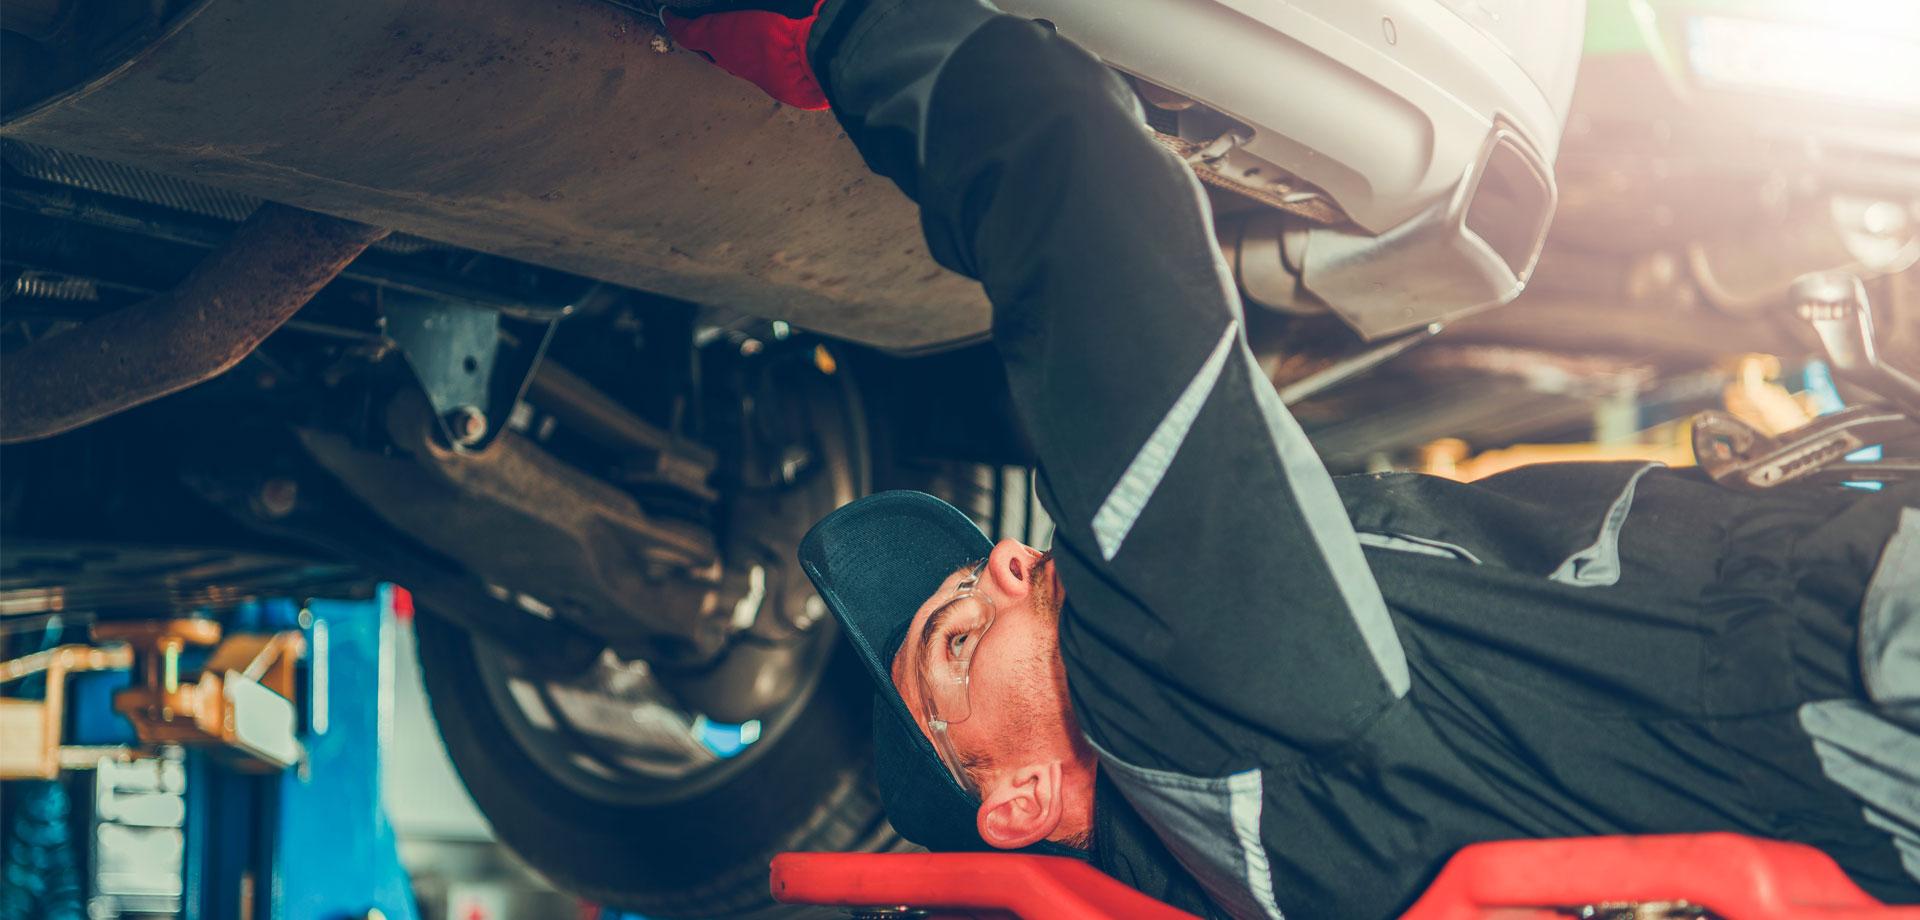 Repair Specialists